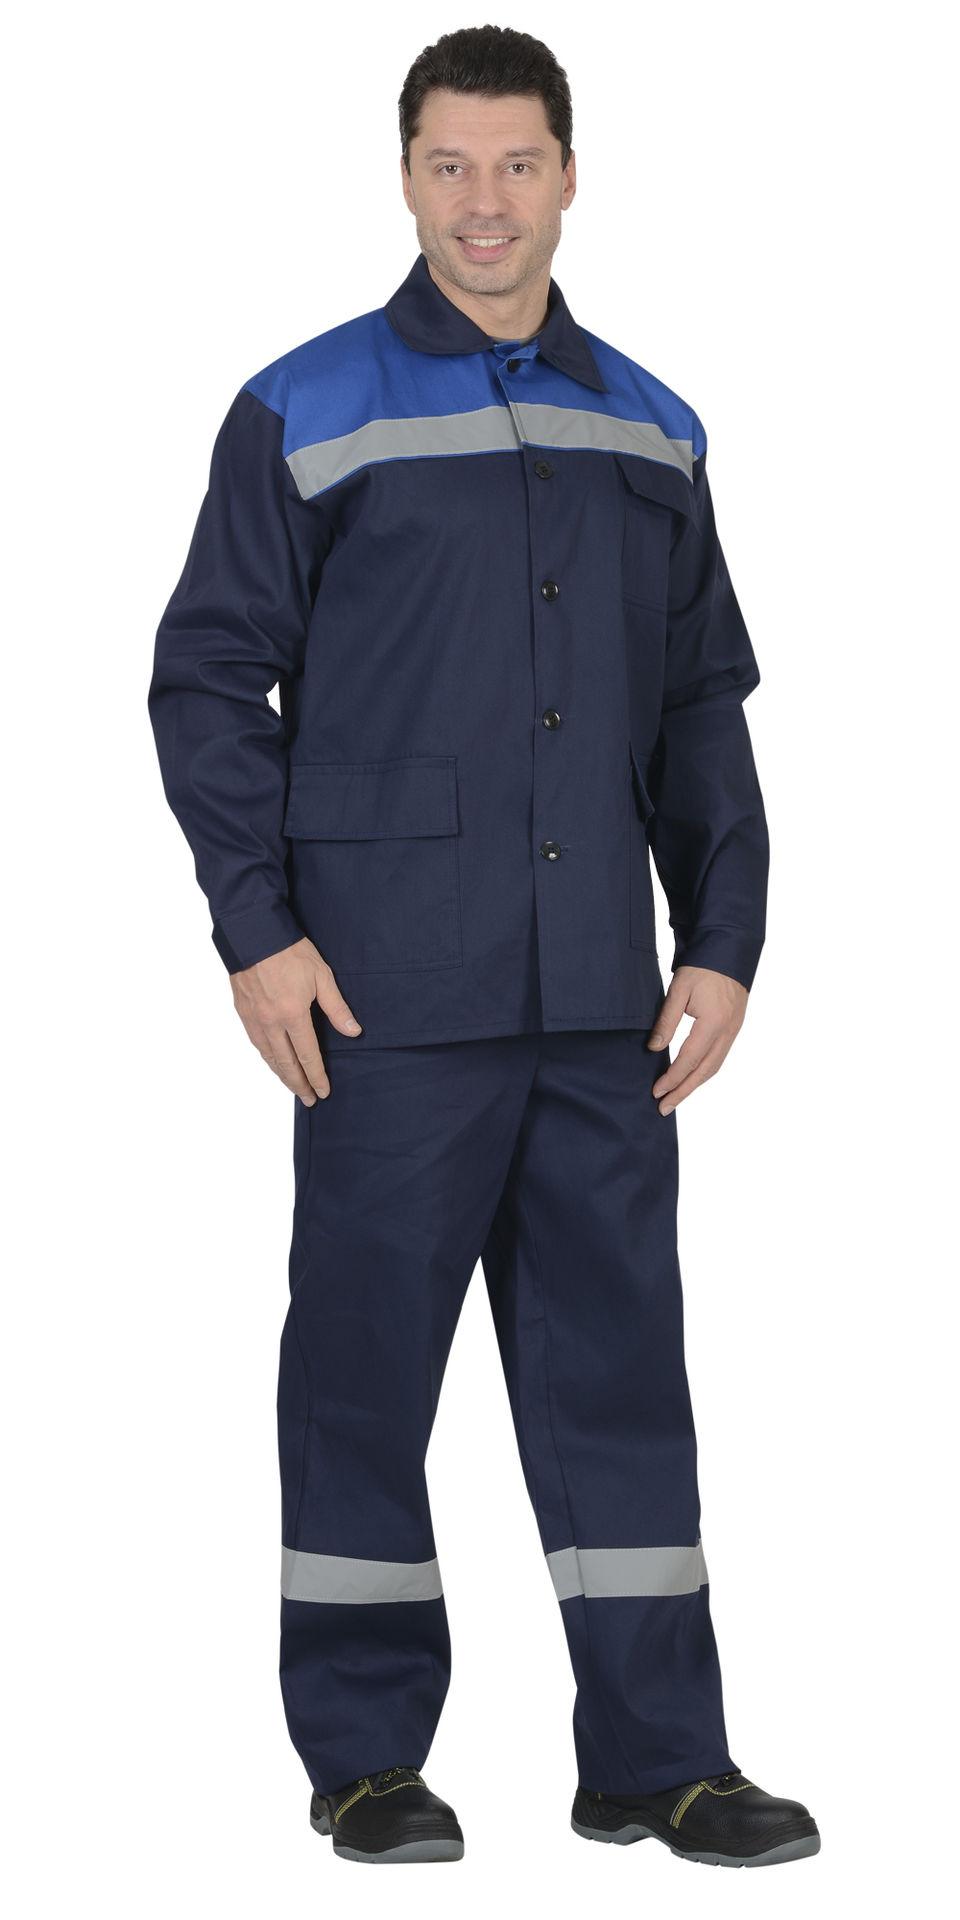 Костюм Производственник синий с васильковым: куртка, брюки со светоотражающей полосой